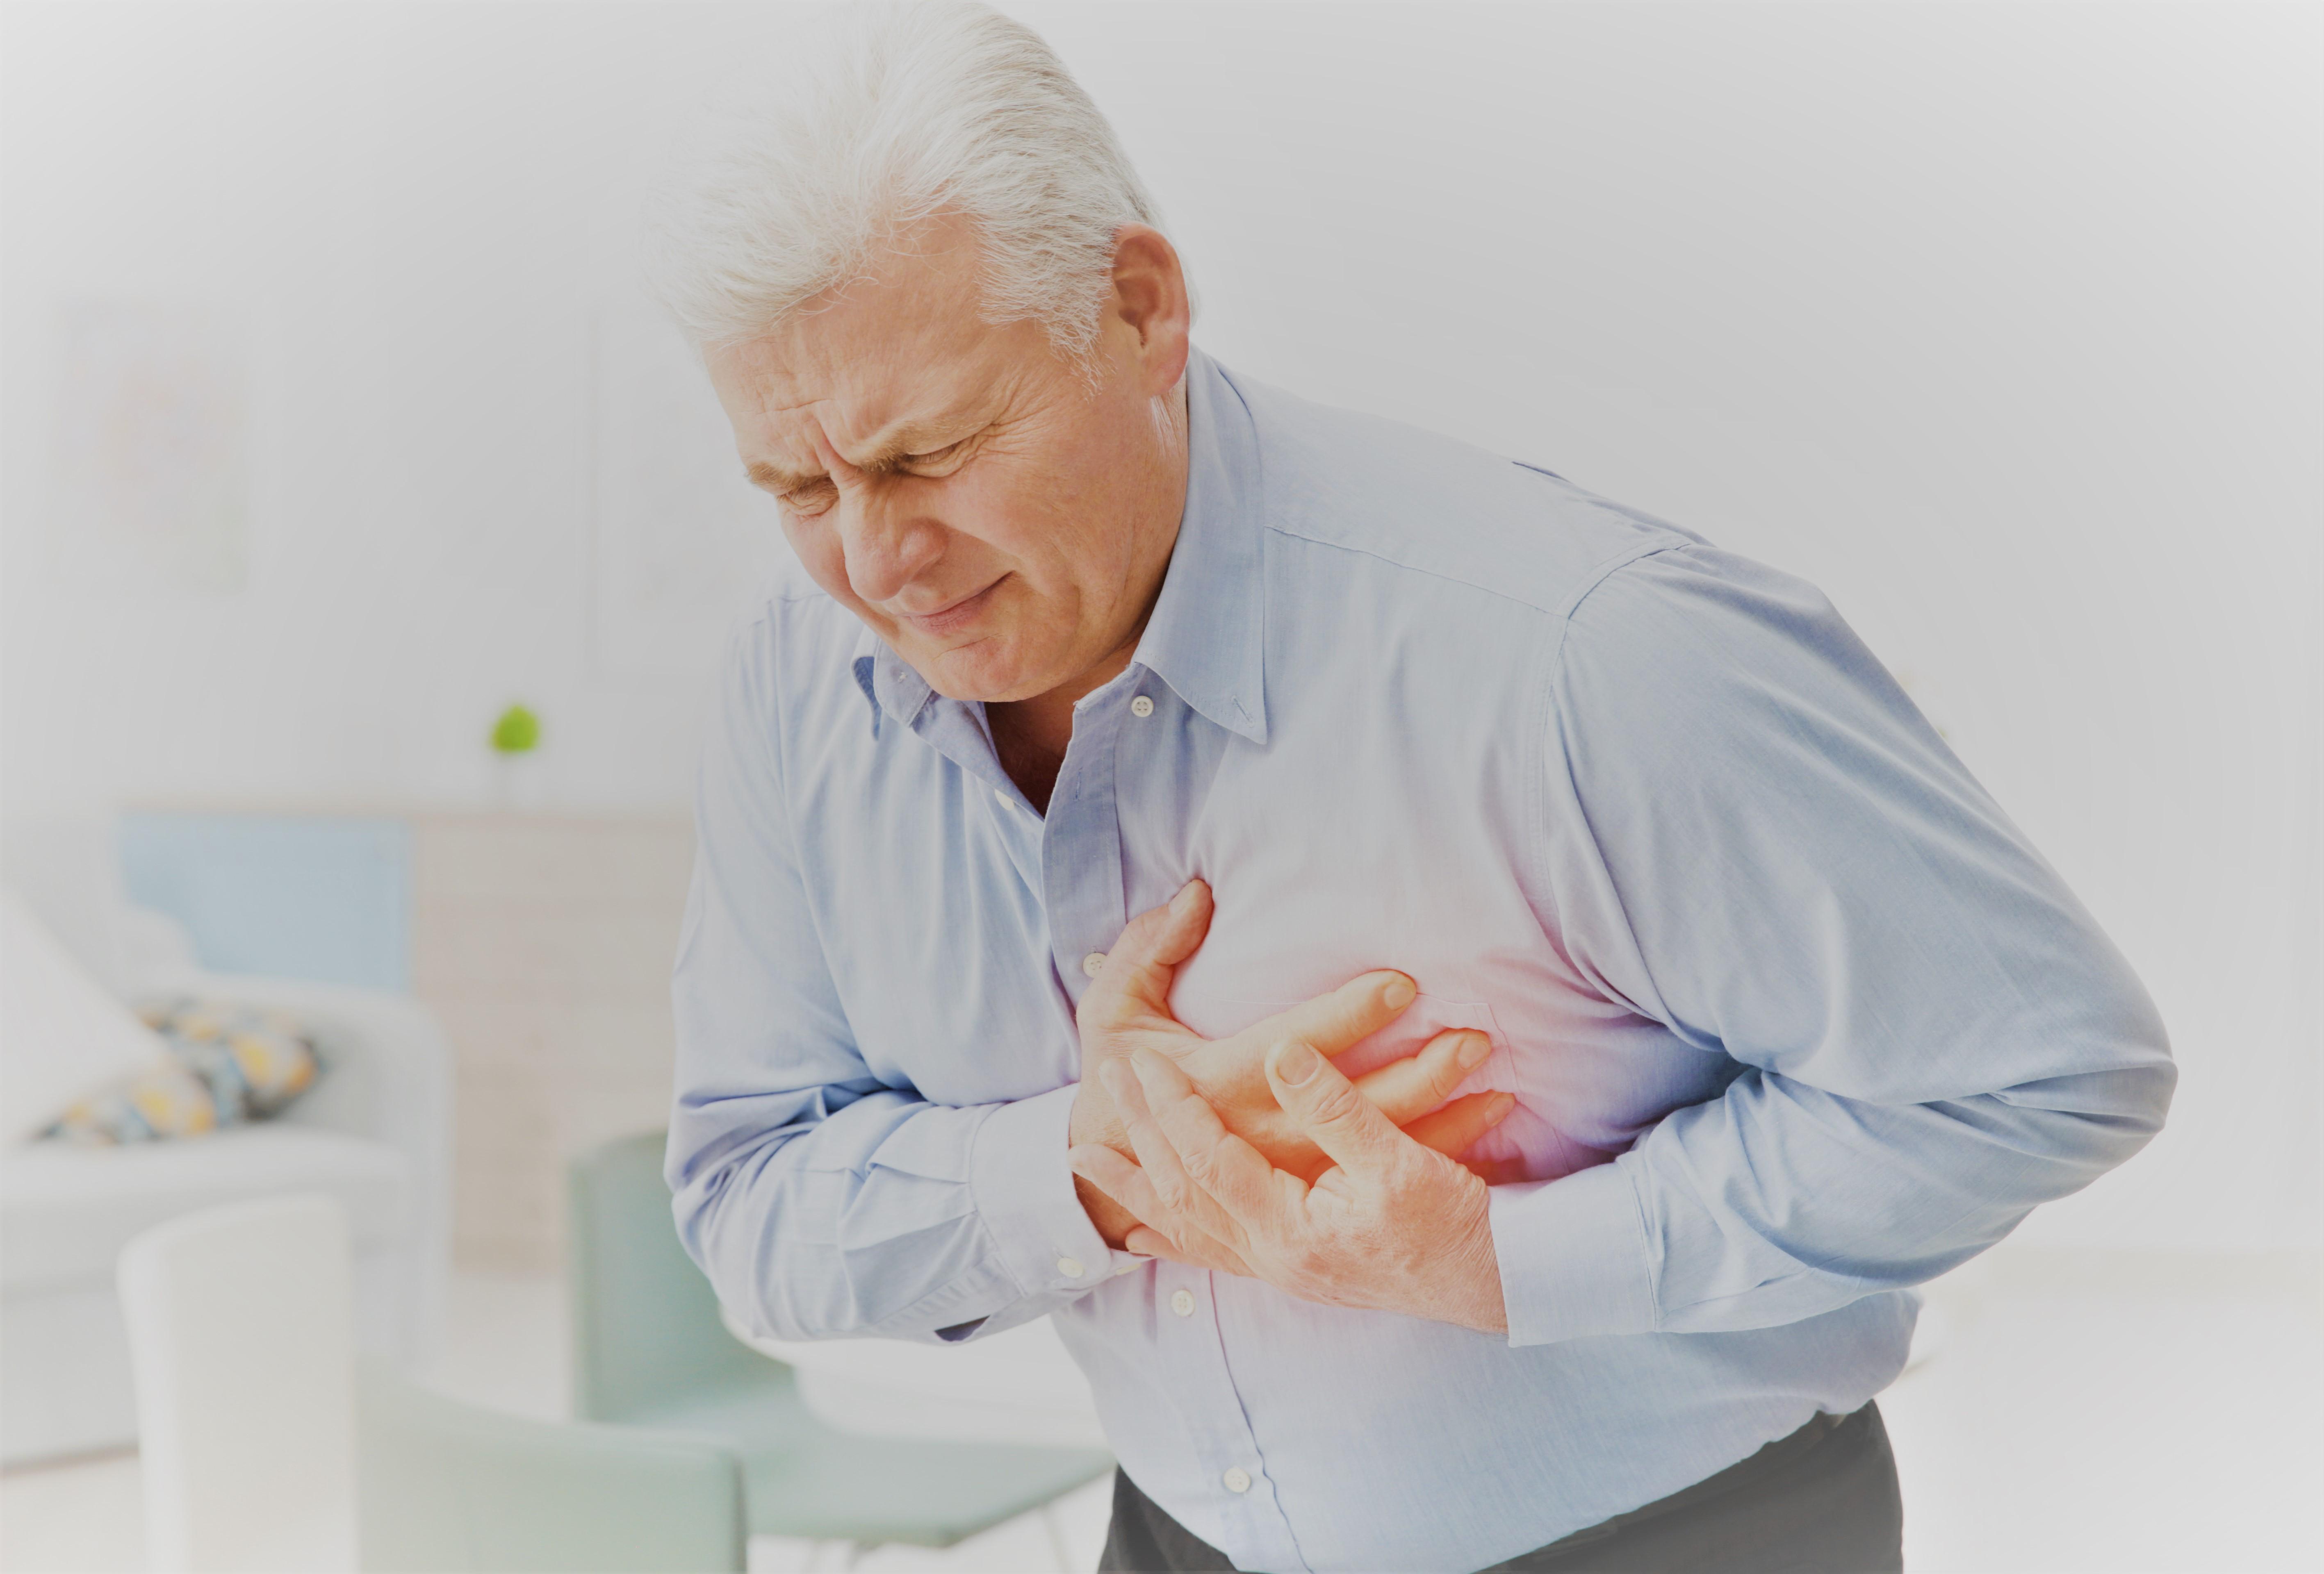 égő érzés magas vérnyomás esetén)